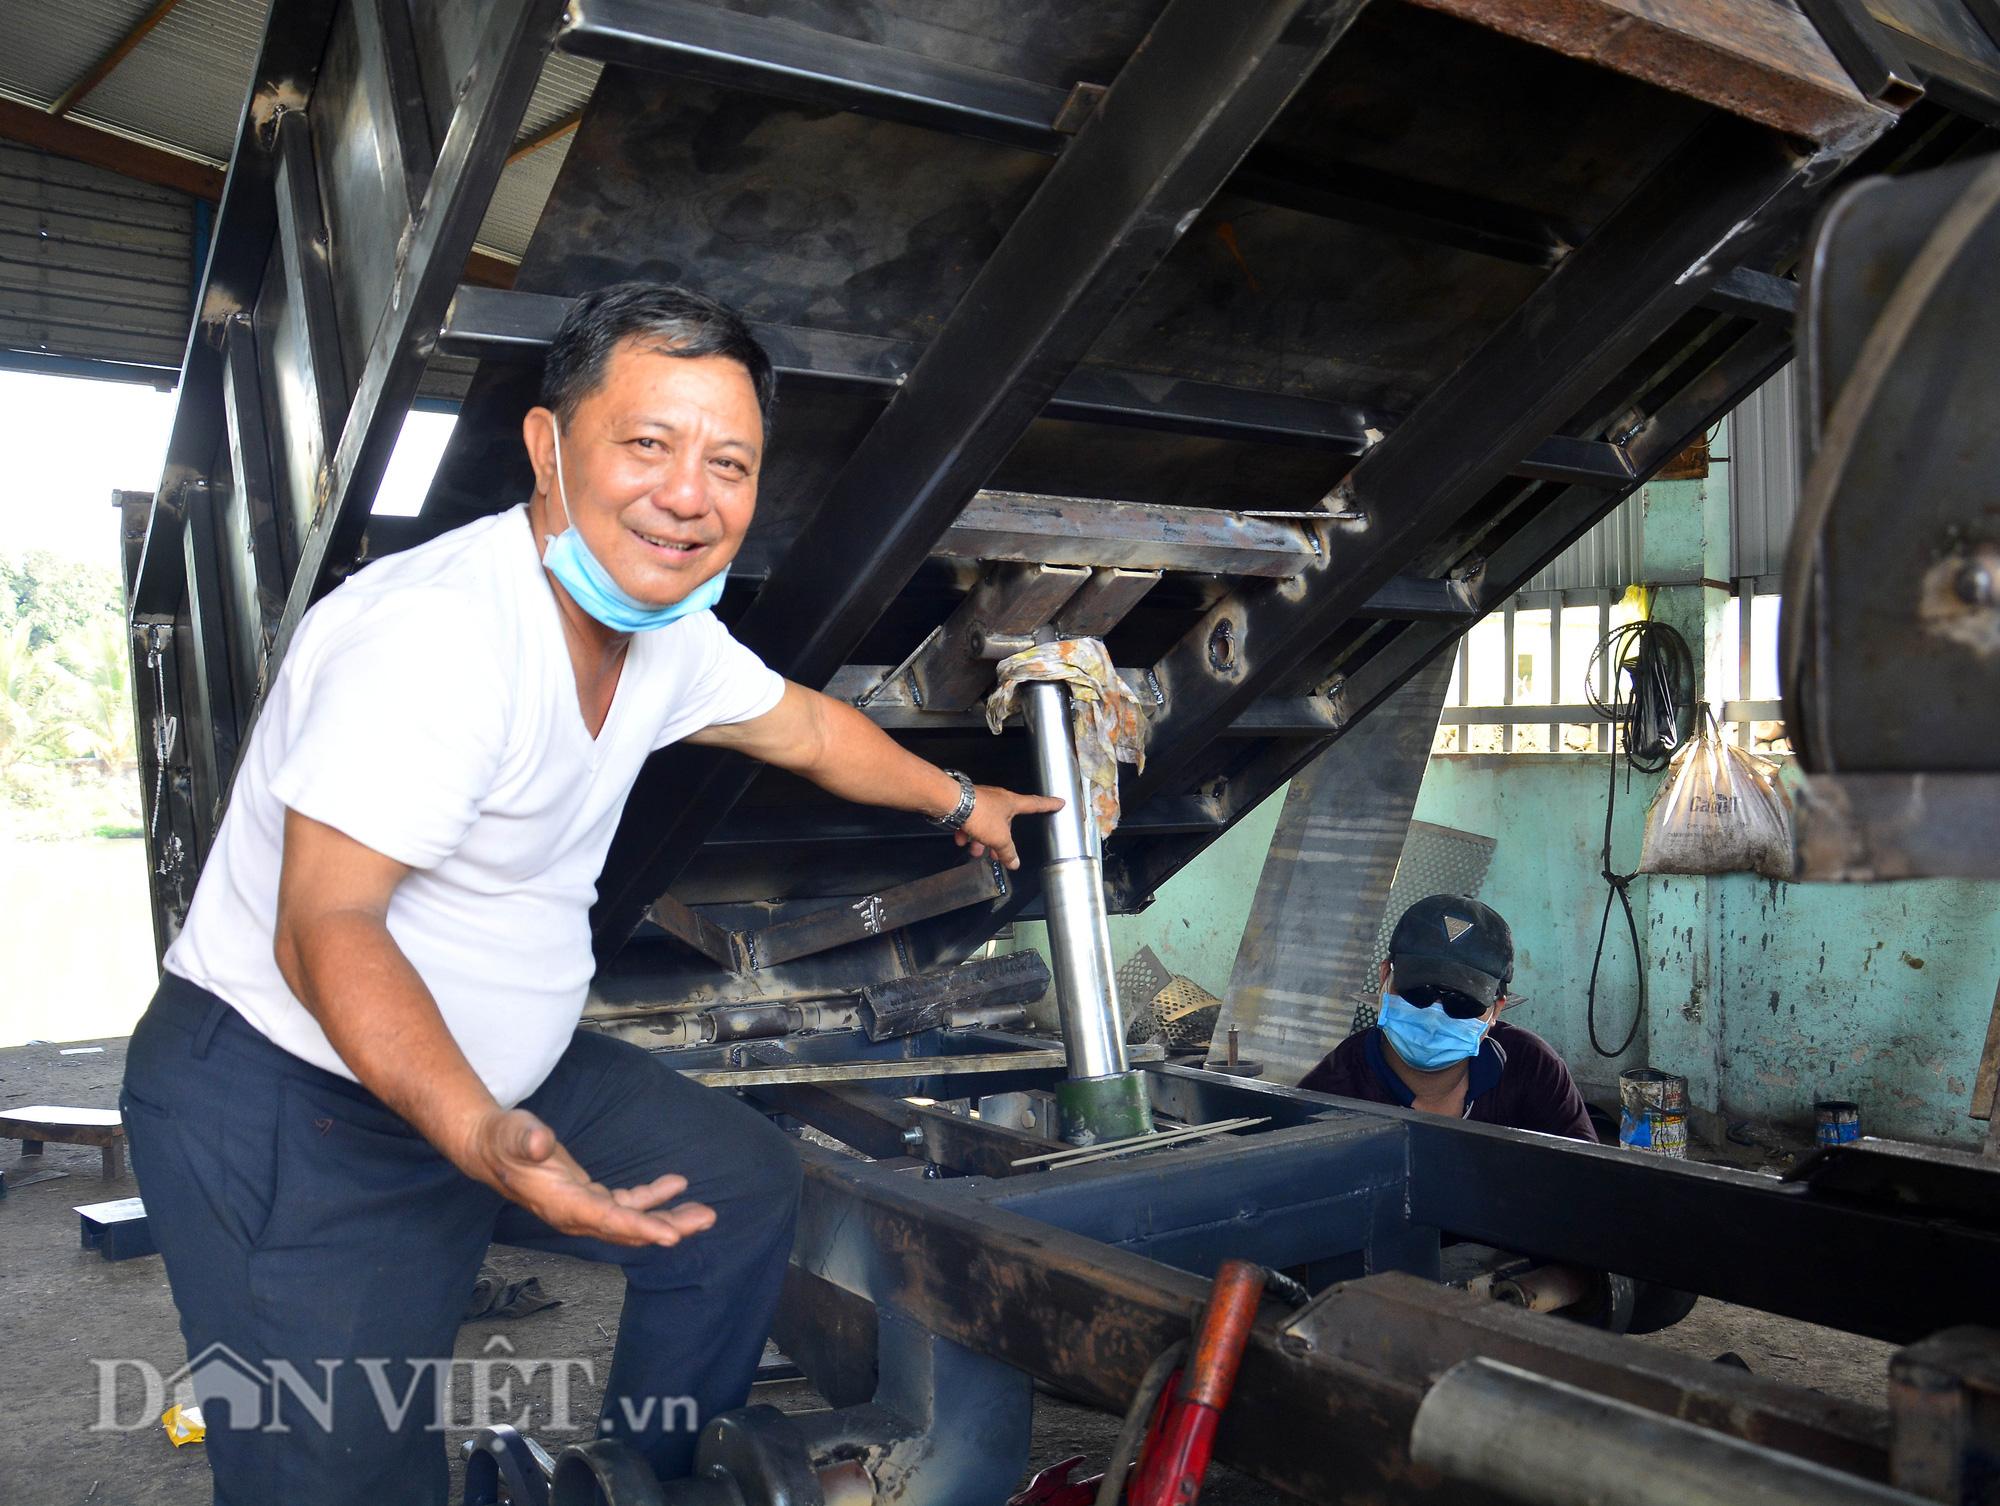 Trưởng ấp đam mê chế tạo máy phục vụ nông dân - Ảnh 2.